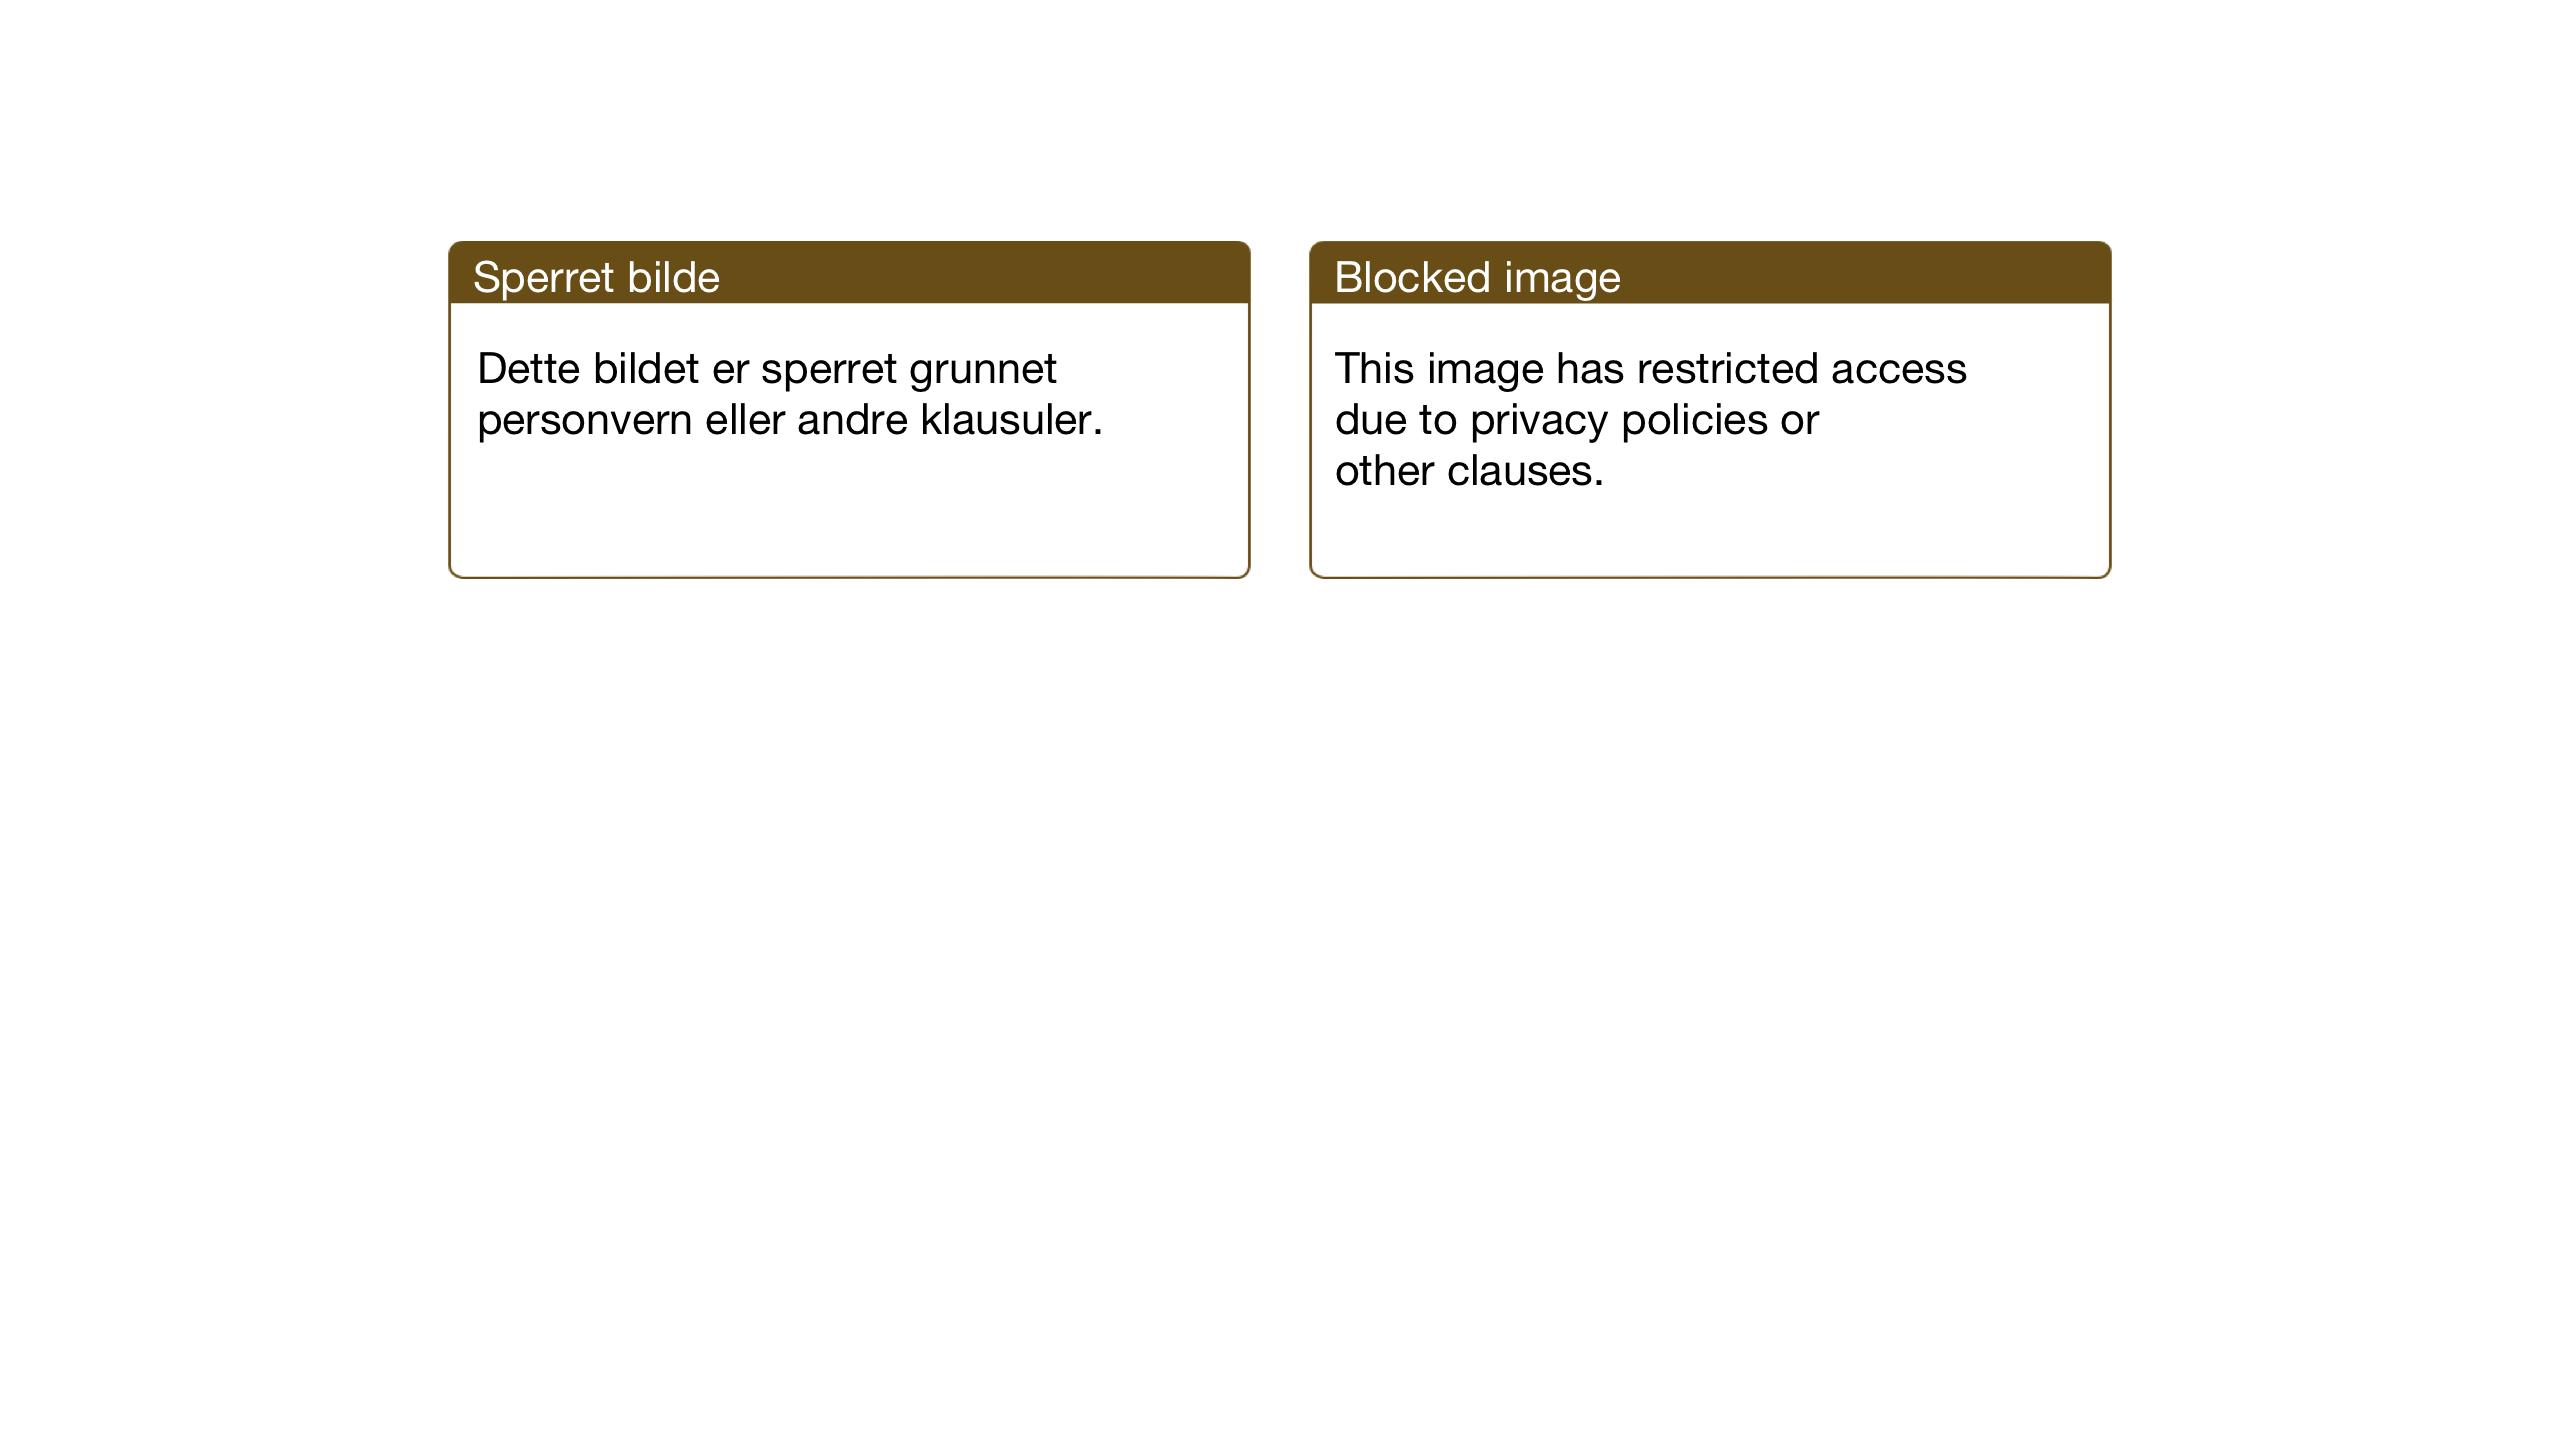 SAT, Ministerialprotokoller, klokkerbøker og fødselsregistre - Nord-Trøndelag, 757/L0507: Klokkerbok nr. 757C02, 1923-1939, s. 30